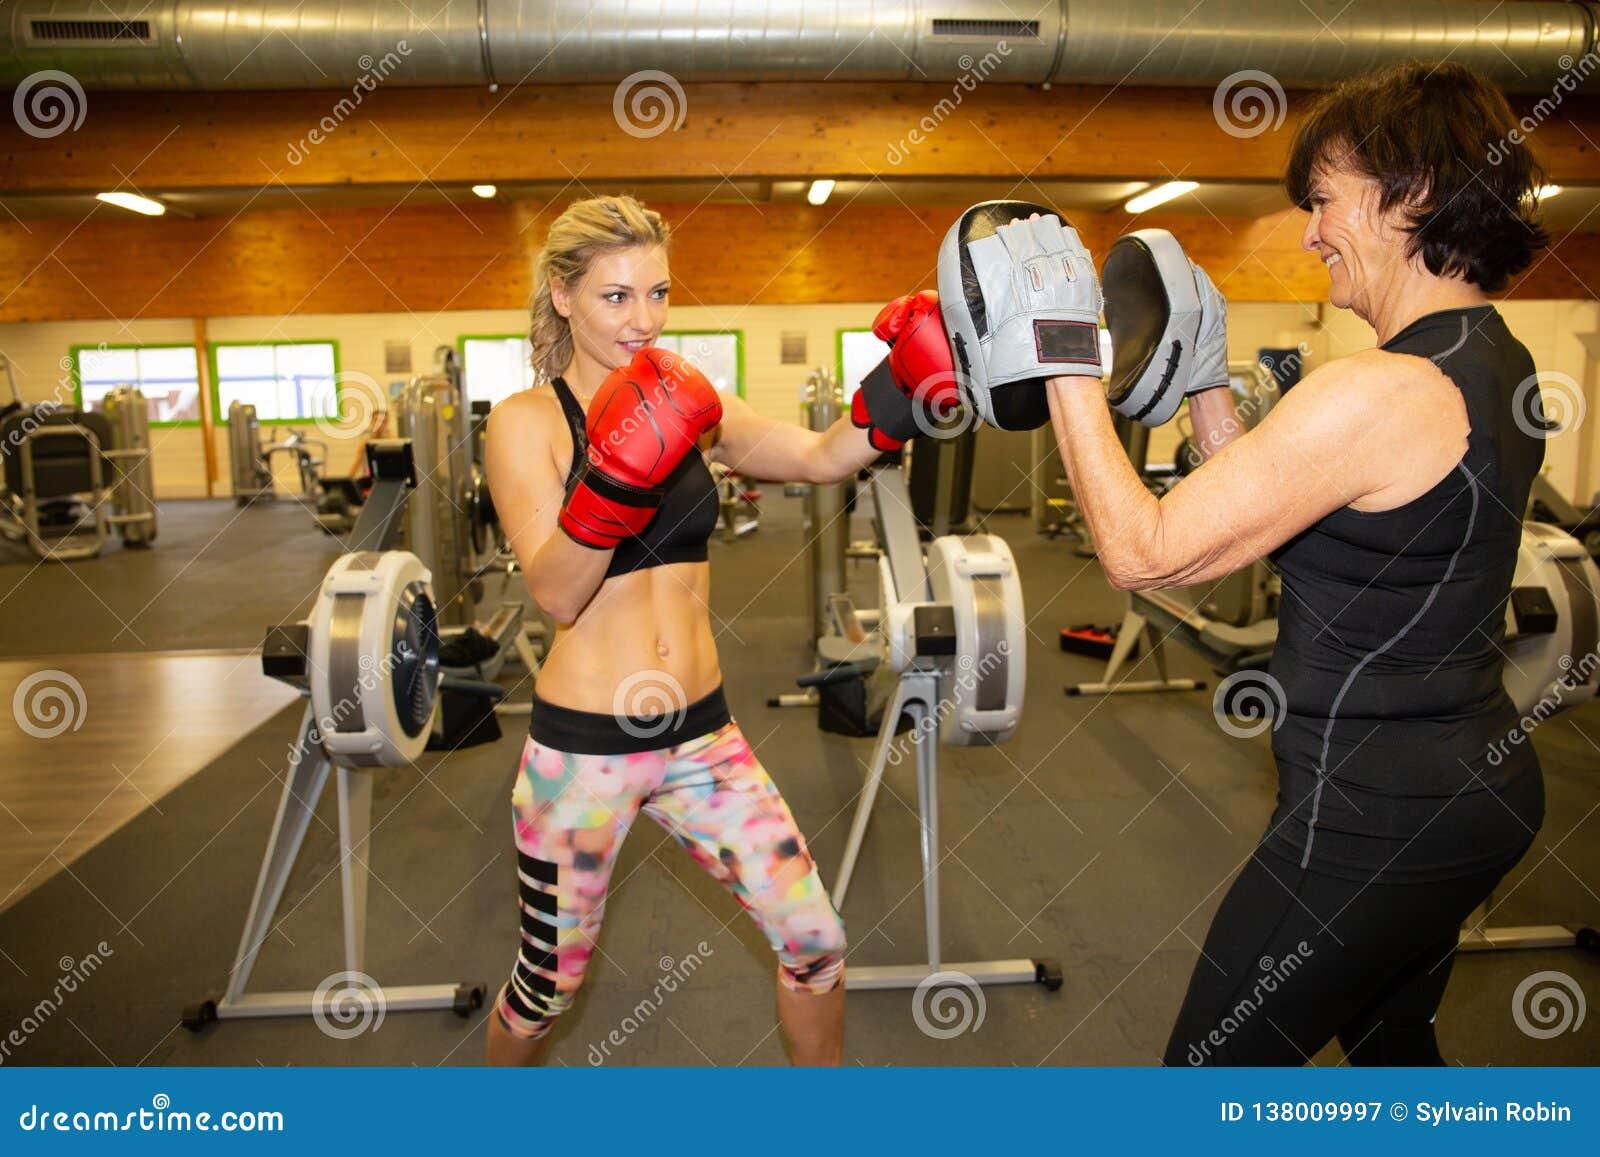 Kobieta bokser uderza rękawiczkę jego sparingowego partnera trenera osobistych kobiet starszy trening w gym